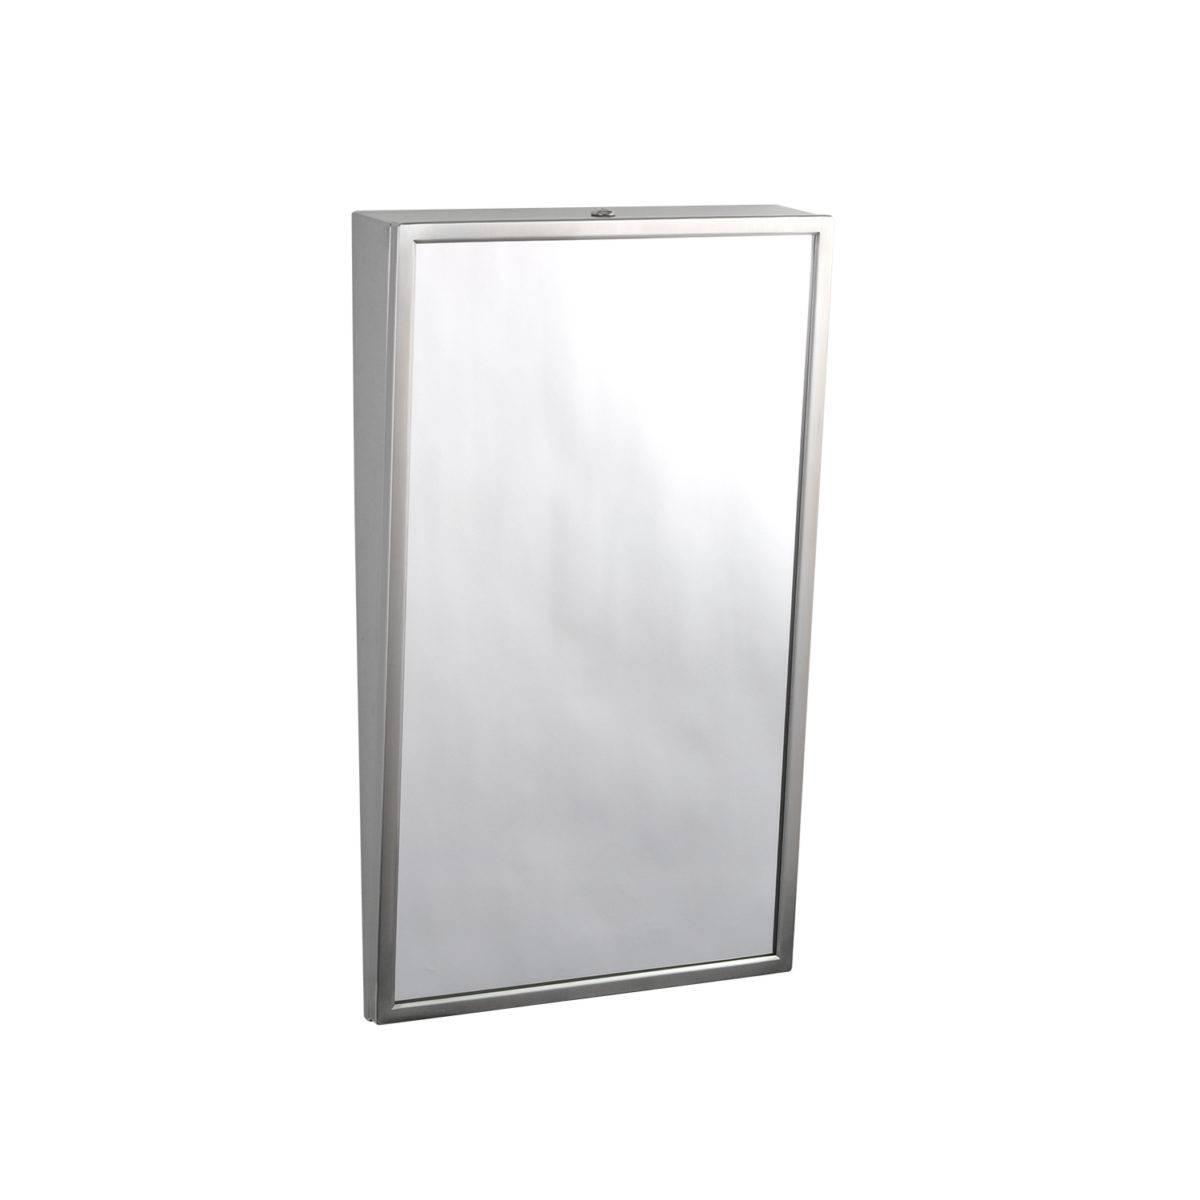 Зеркало с фиксированным положением наклона 2931630 Bobrick